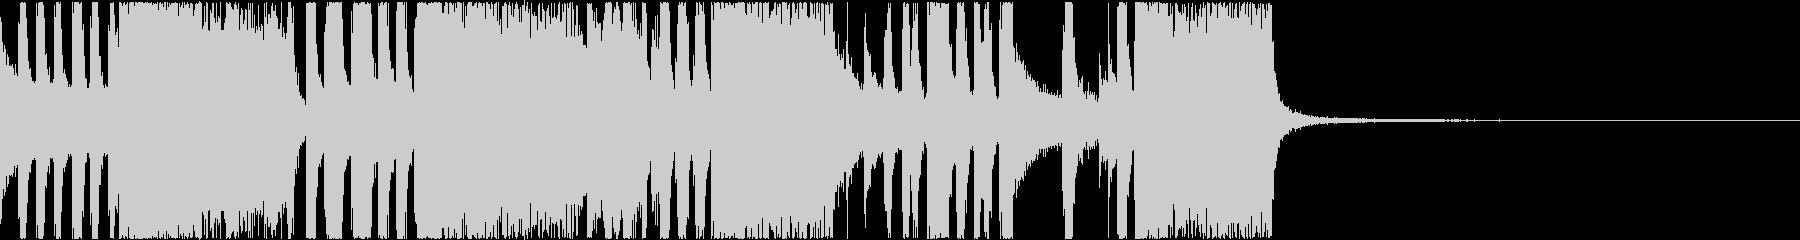 テーマ曲風ビッグバンド_VS02の未再生の波形